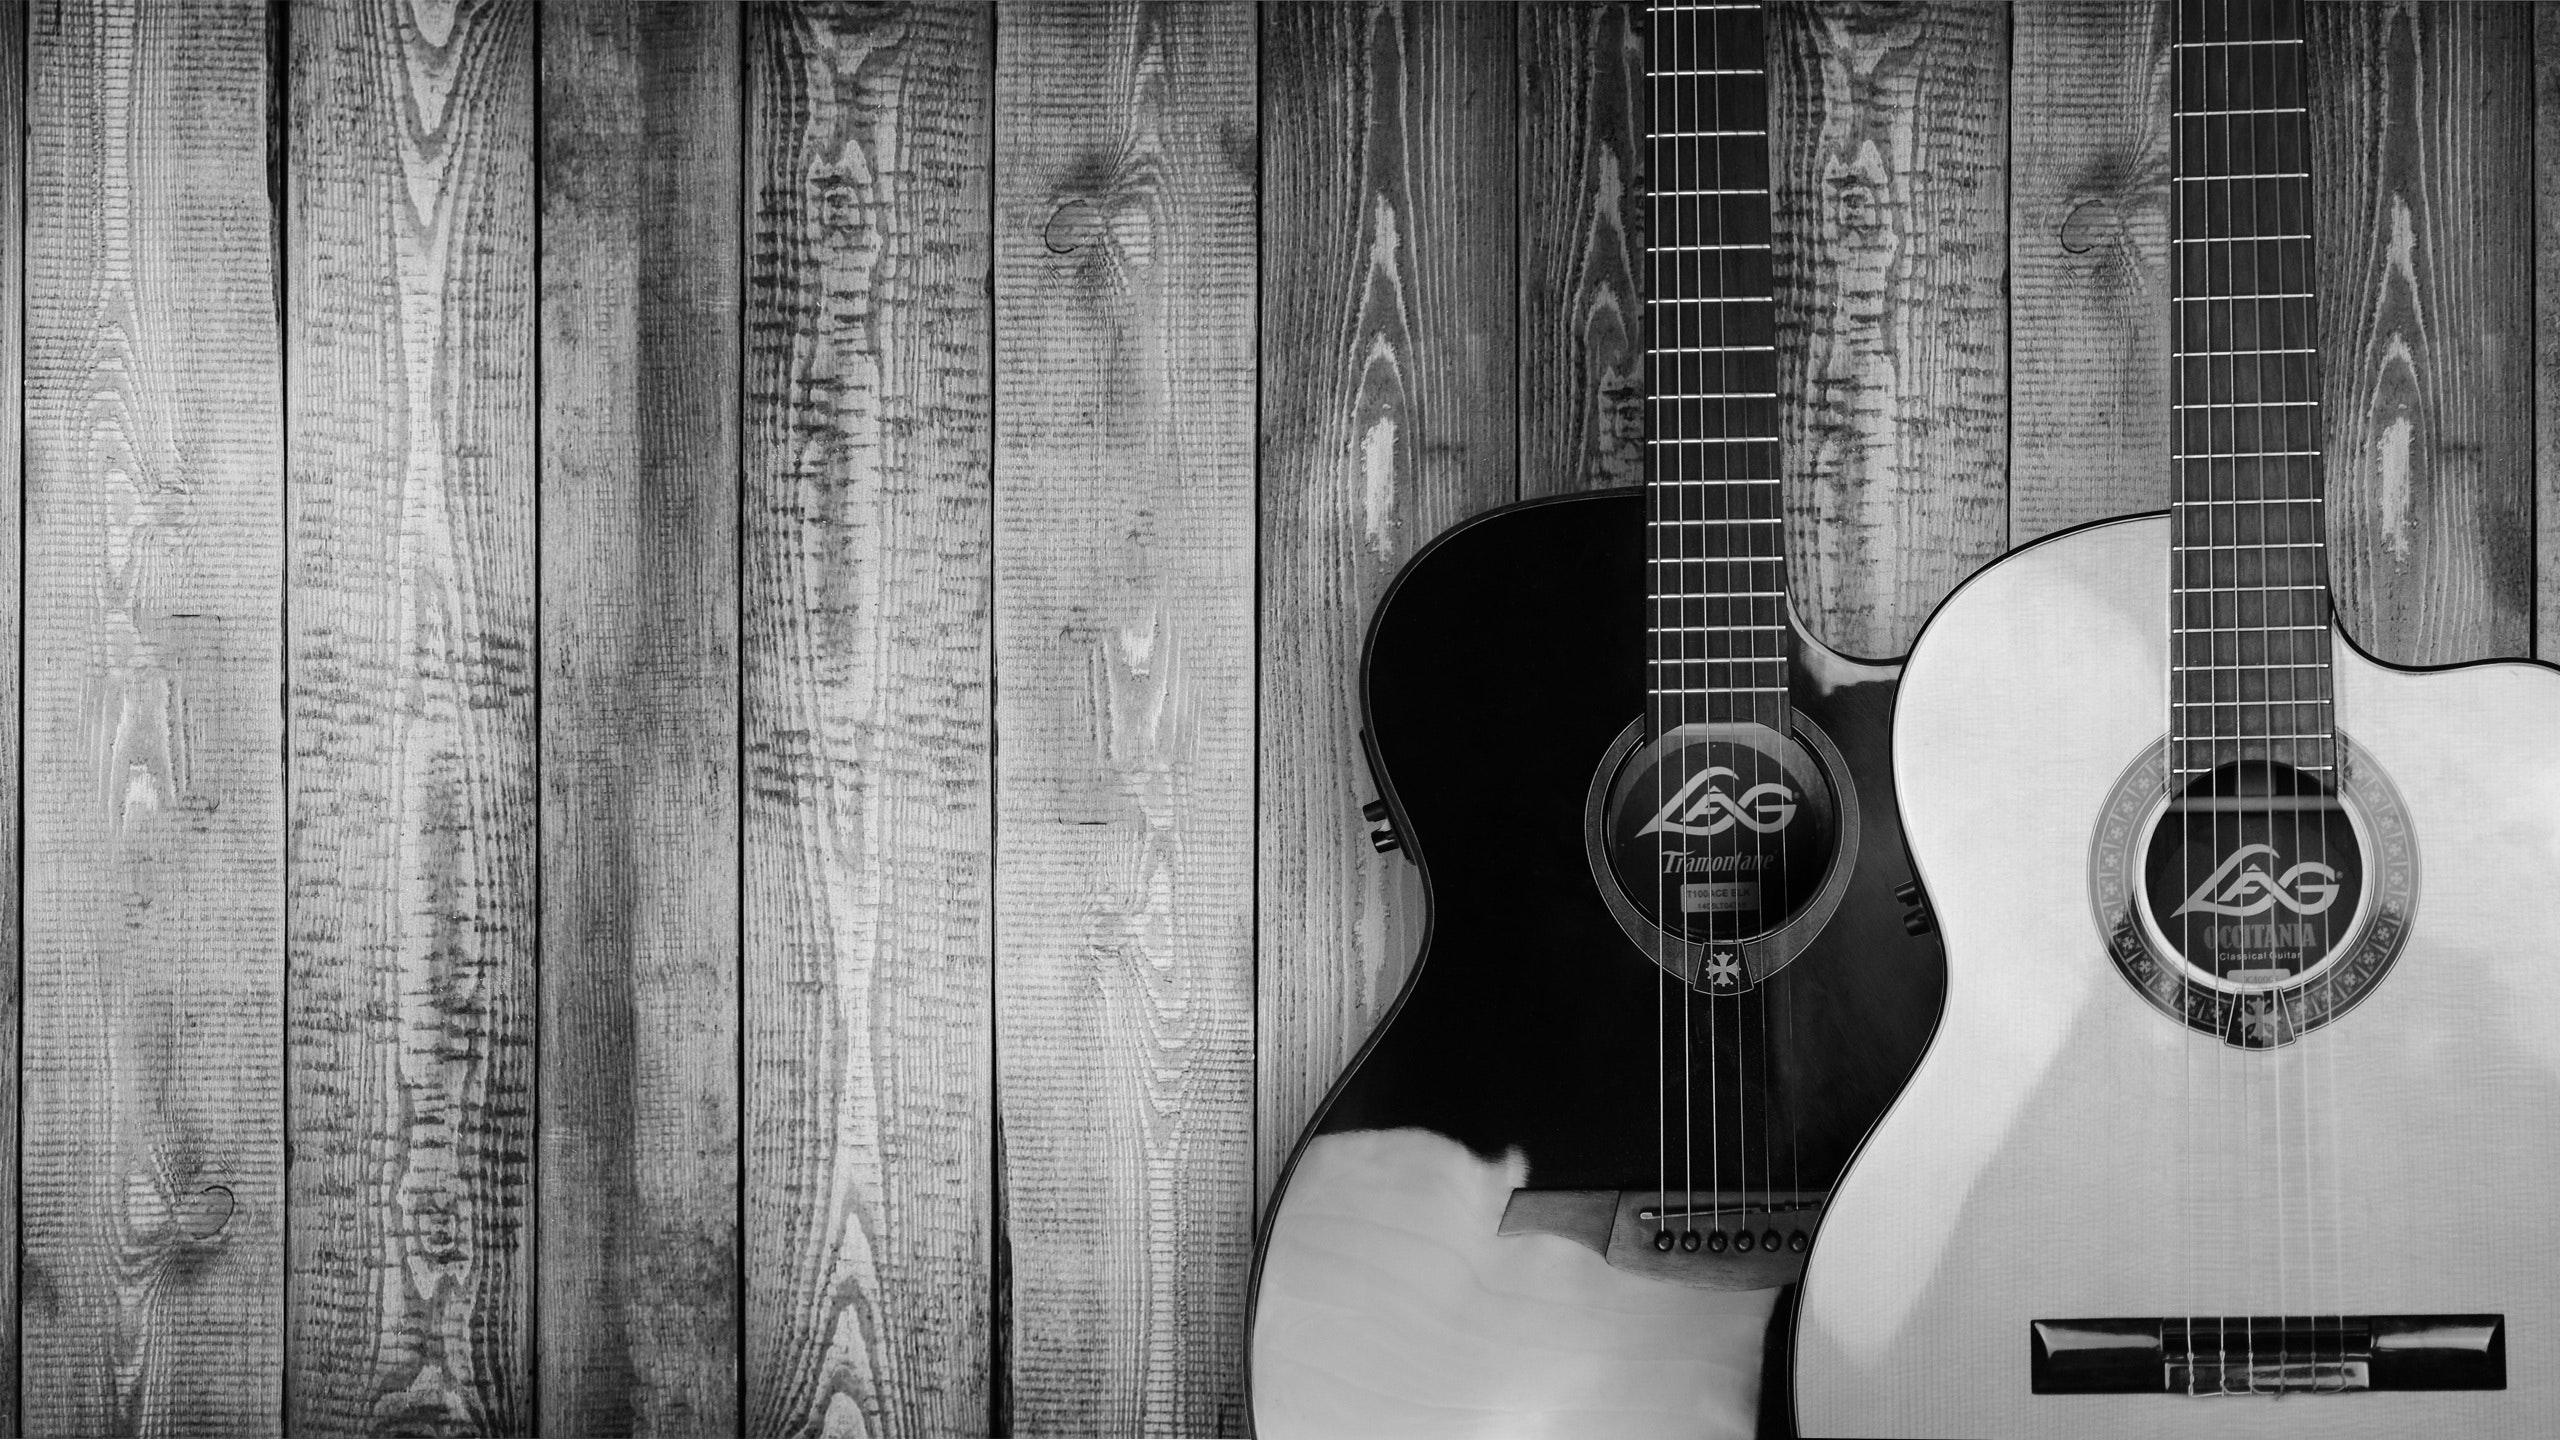 250+ Beautiful Guitar Photos · Pexels · Free Stock Photos